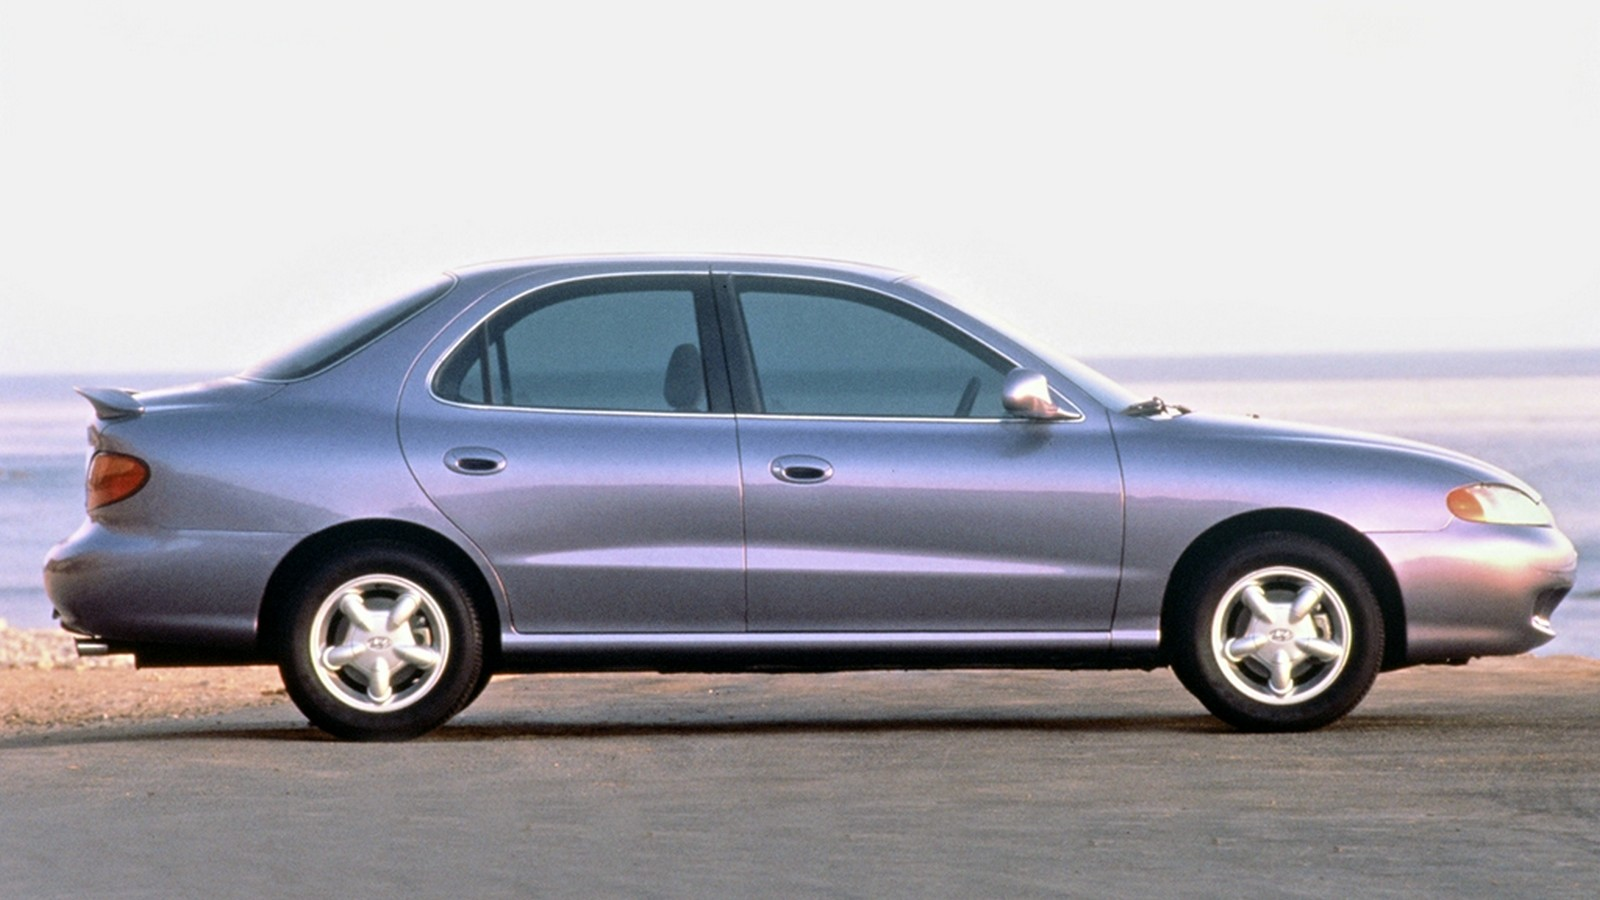 Купить бу Hyundai Elantra II J2 J3 продажа автомобилей